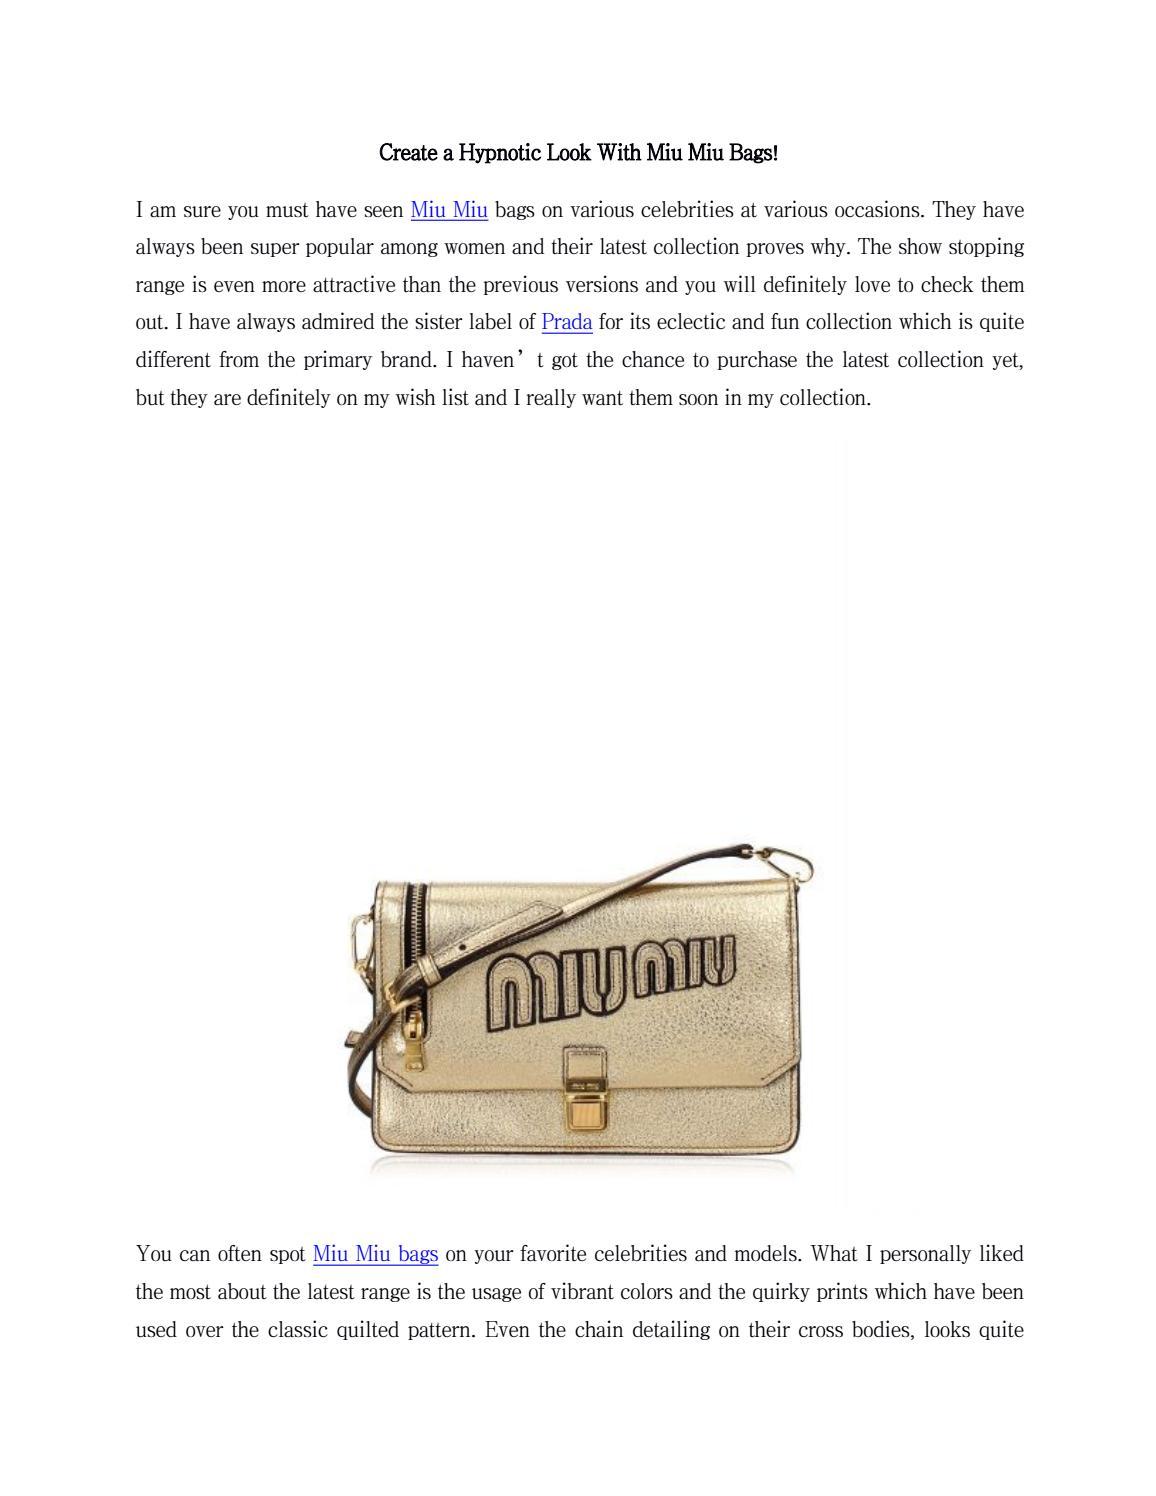 b7b5b0881cc5 Create a hypnotic look with miu miu bags by Darveys - issuu